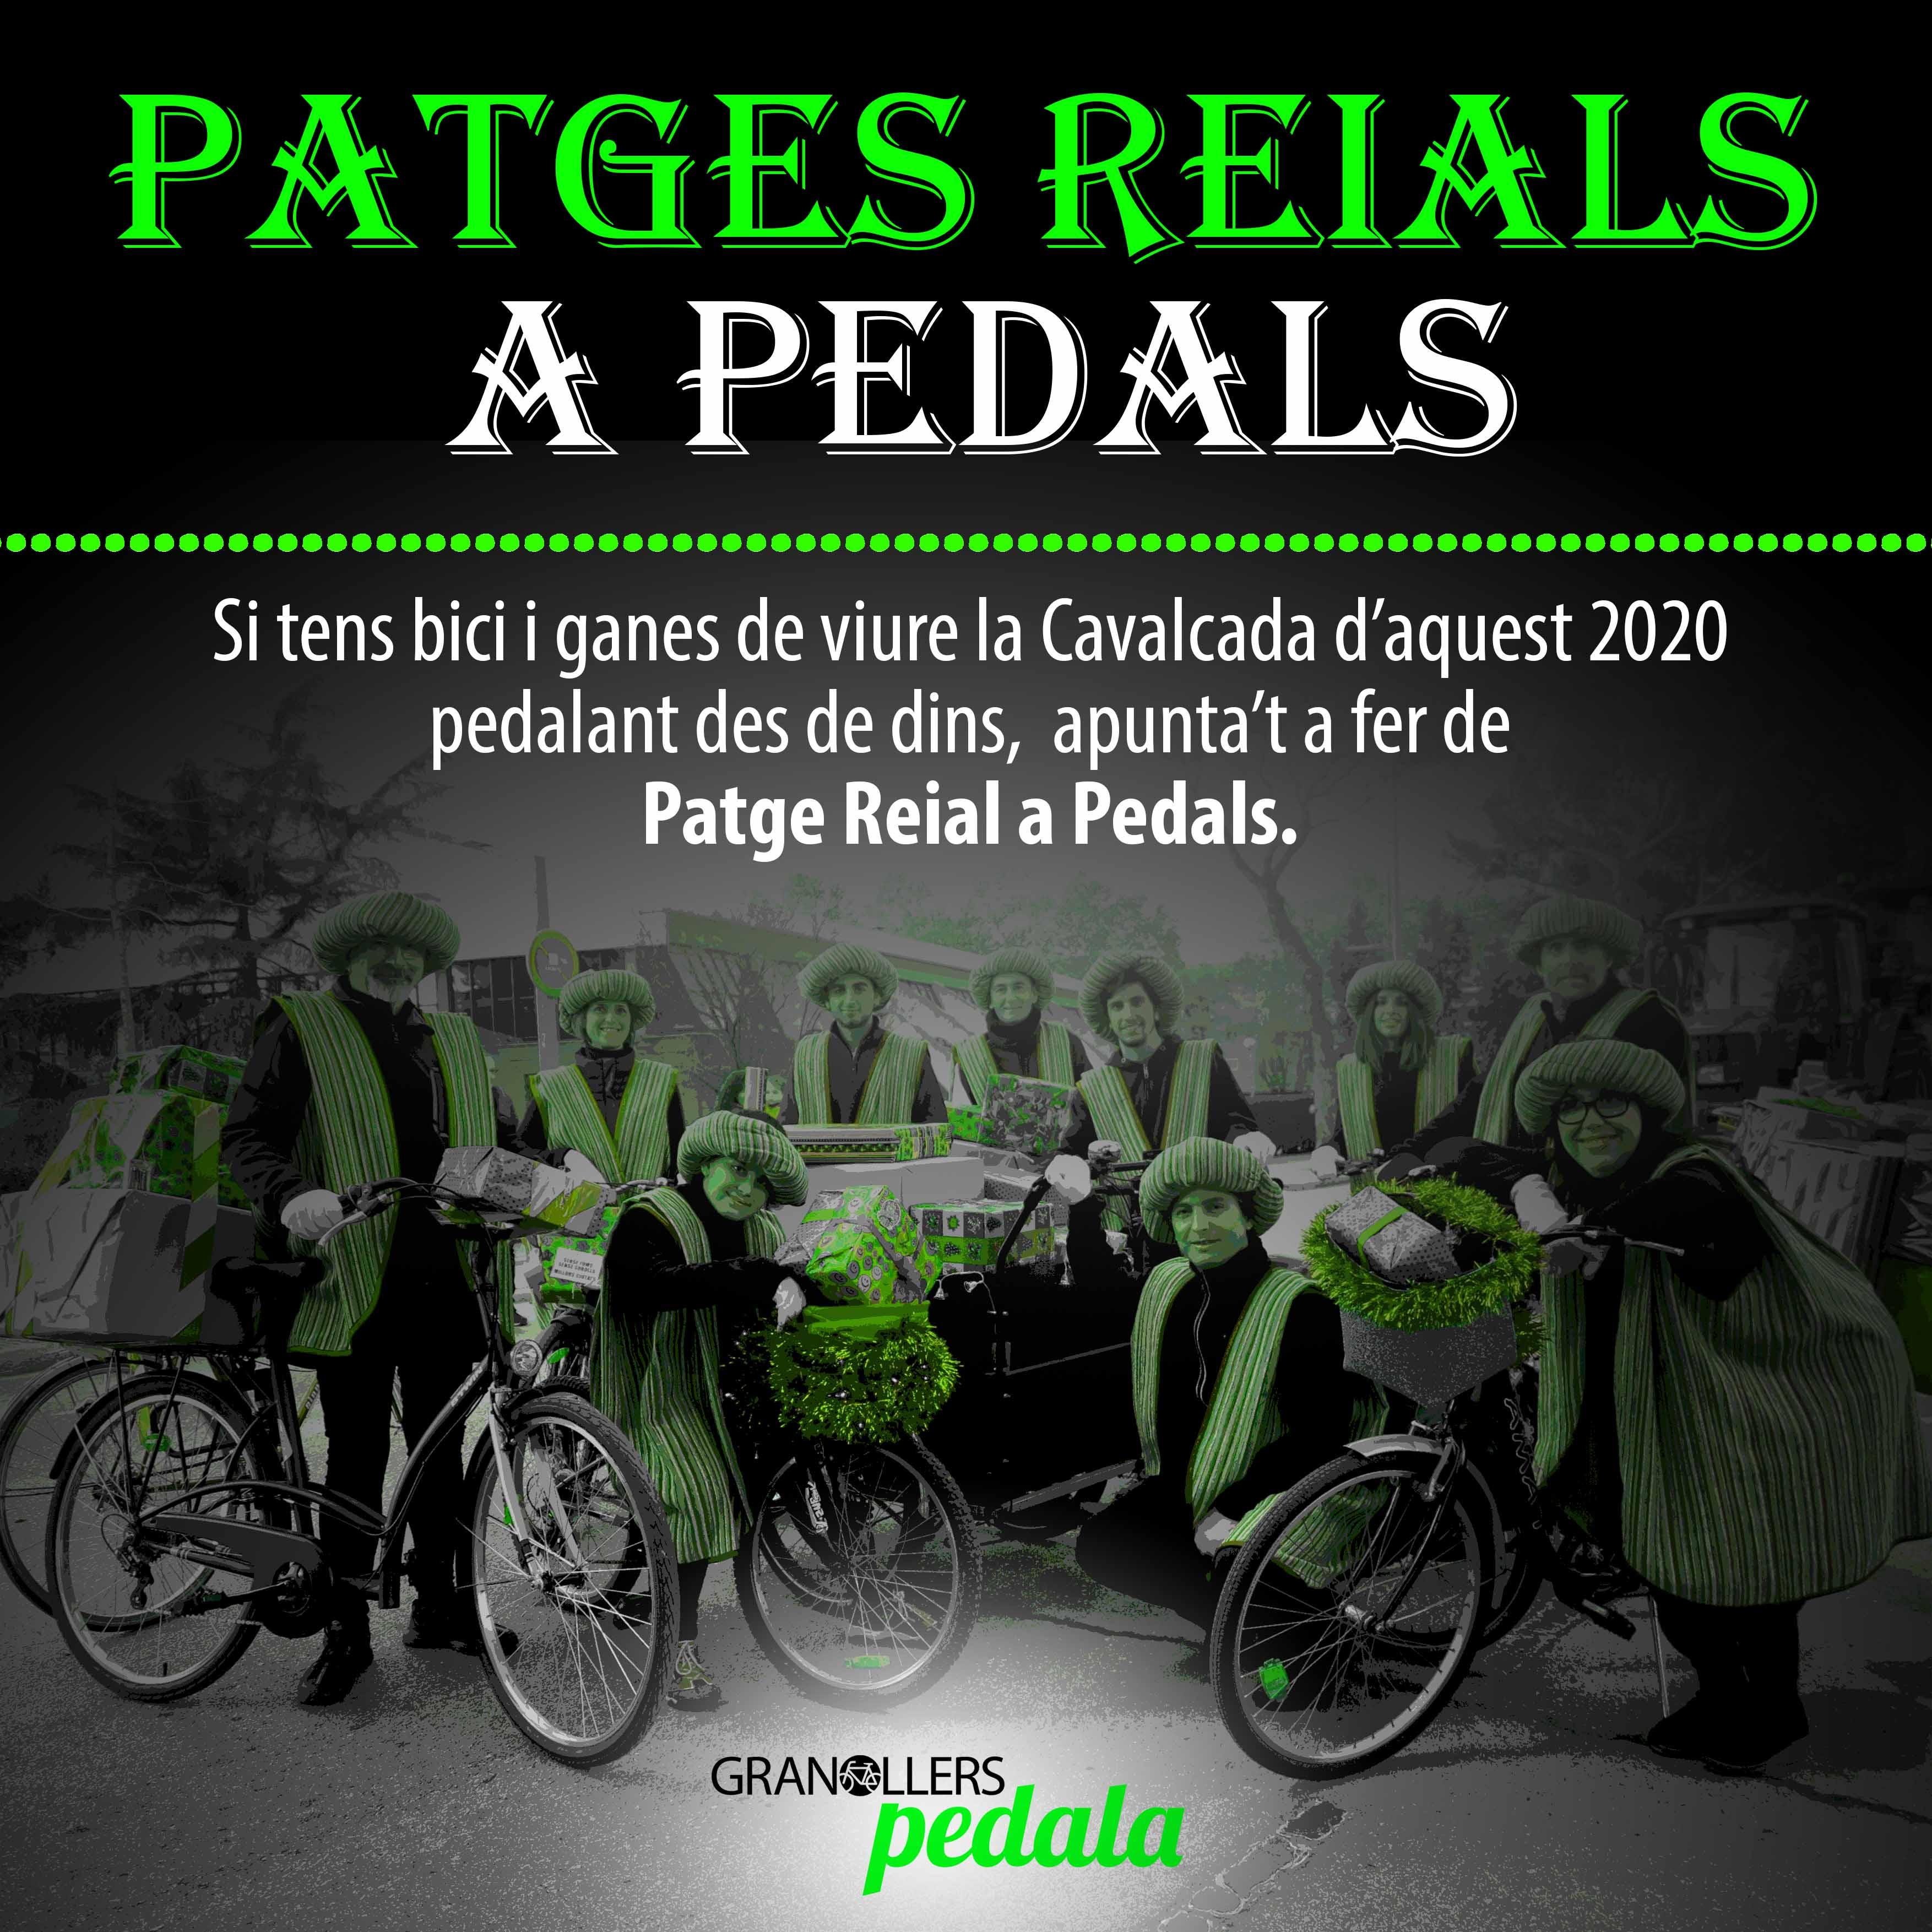 PATGES REIALS A PEDALS 2020